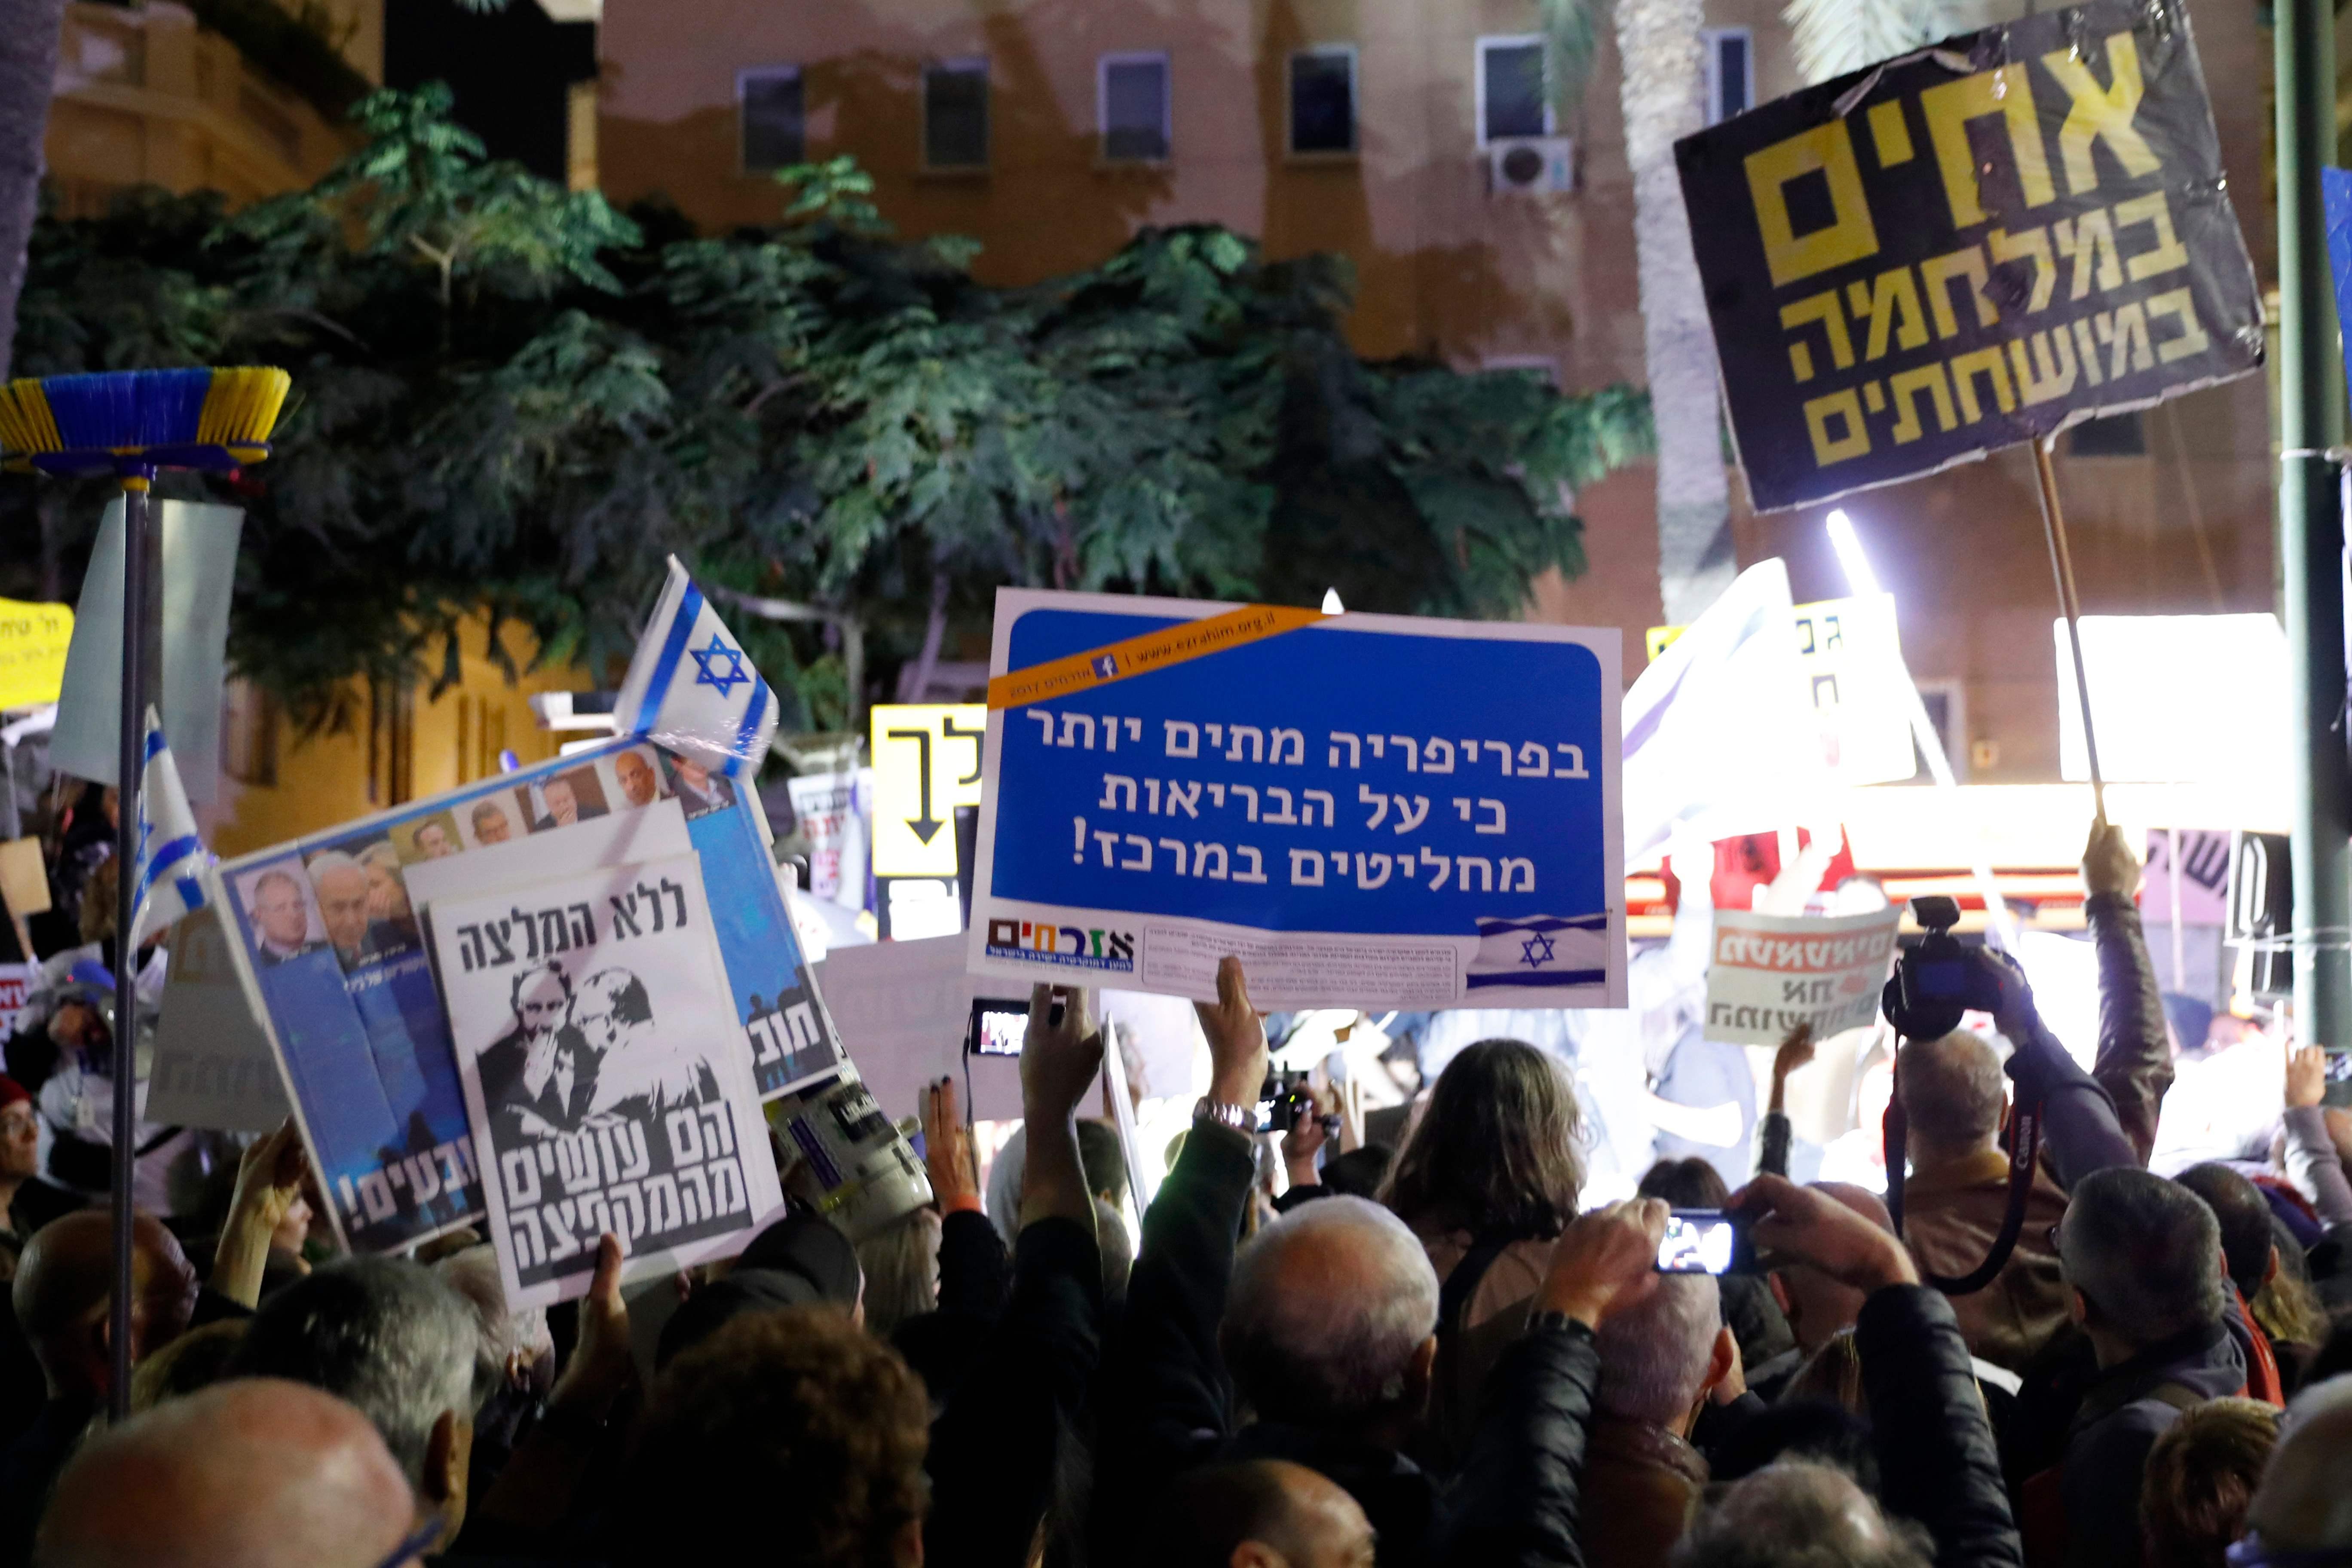 الاحتجاجات فى تل أبيب بسبب الفساد الحكومى